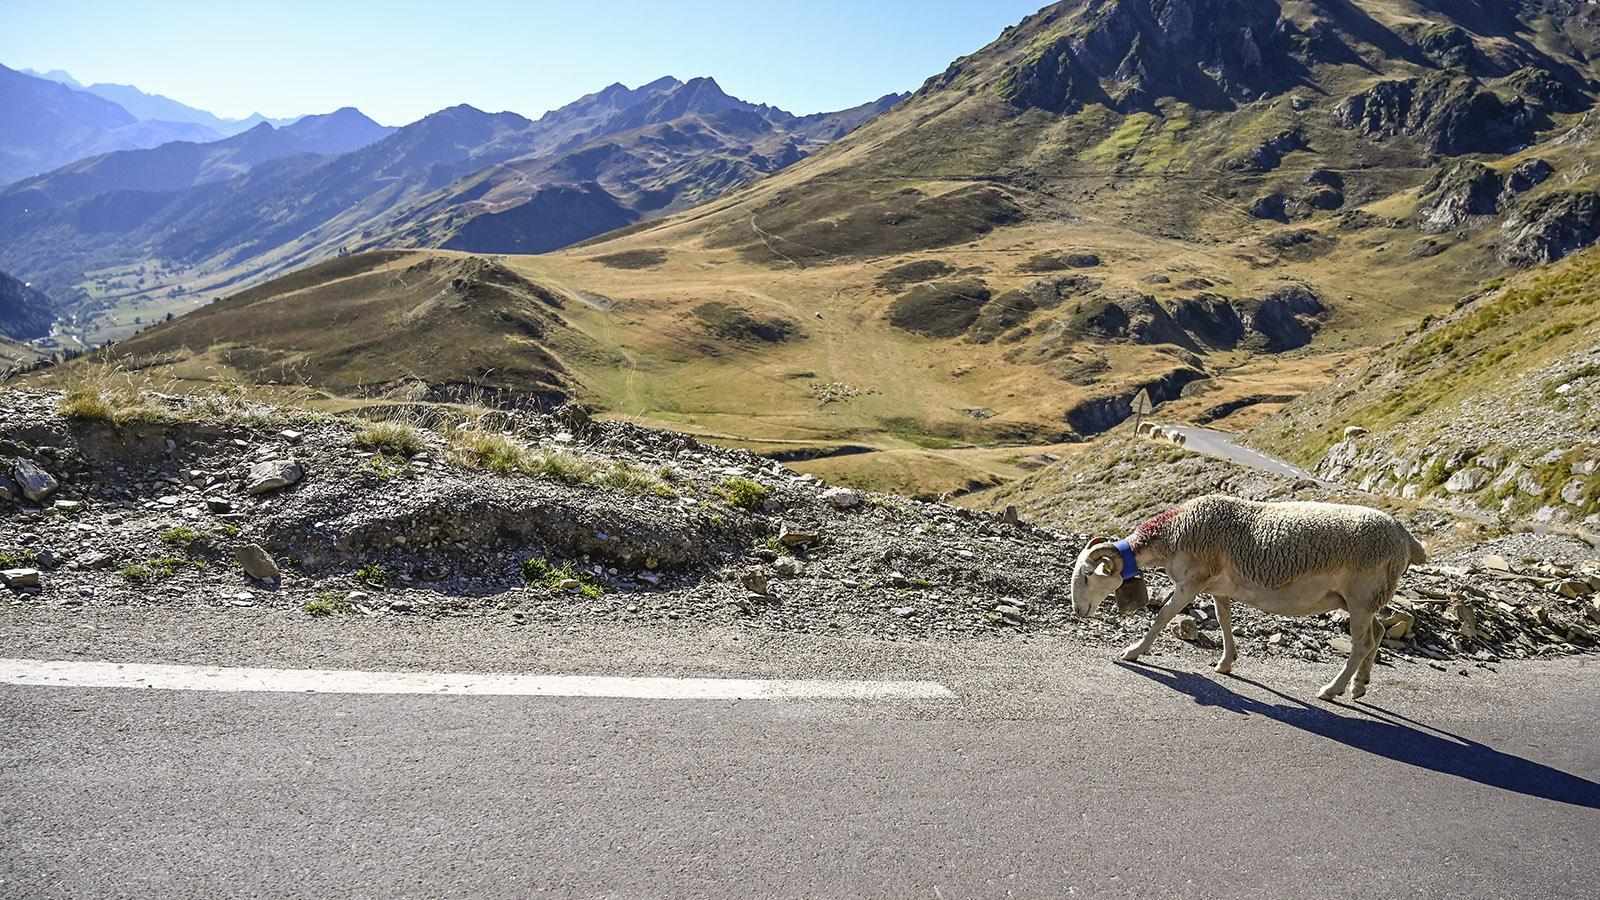 Auf der Passstraße zum Col du Tourmalet begegnen euch immer wieder freilaufenden Tiere, die dort im Sommer weiden - vor allem Schafe und Rinder. Foto: Hilke Maunder